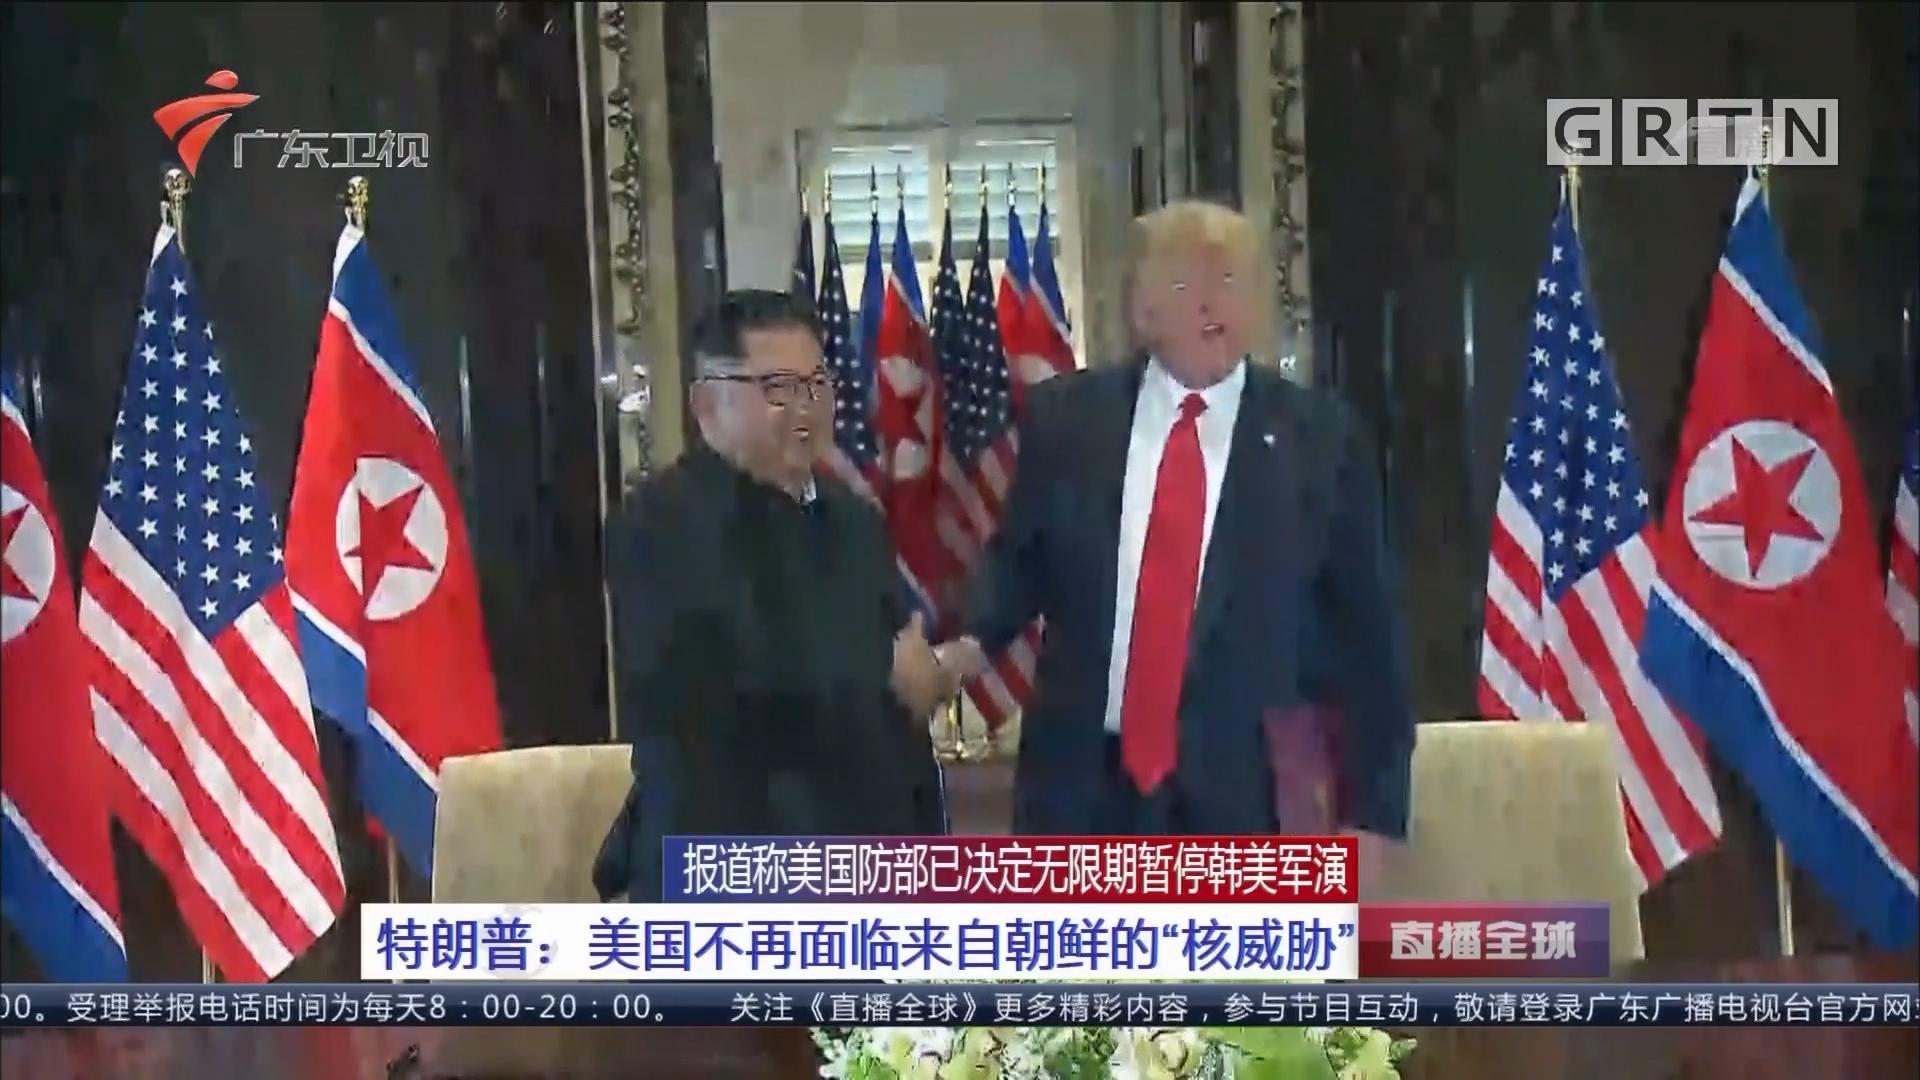 """报道称美国防部已决定无限期暂停韩美军演 特朗普:美国不再面临来自朝鲜的""""核威胁"""""""